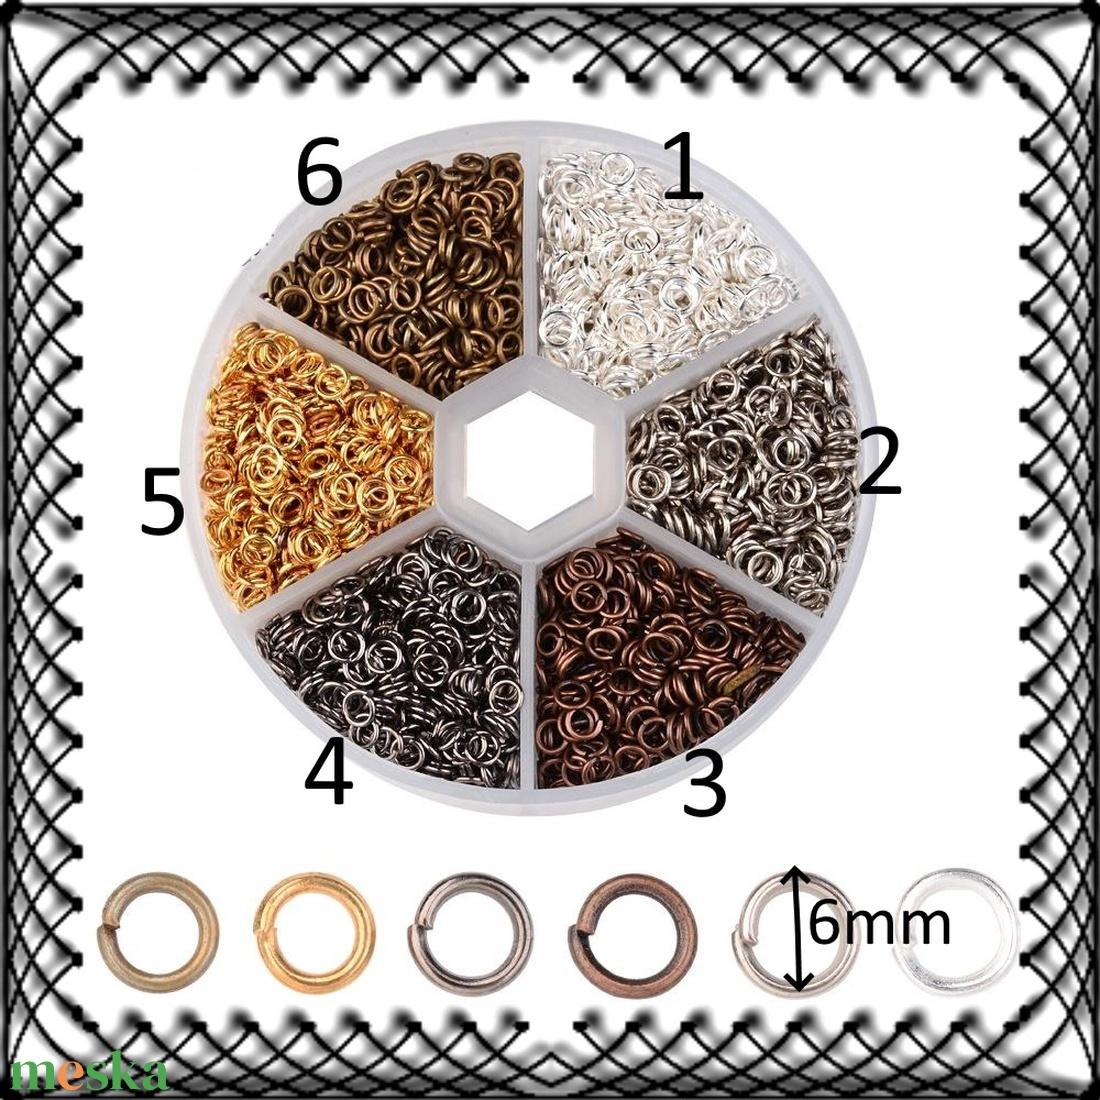 Ékszerkellék: szerelőkarika BSZKNY-6 x 0,7 több színben, 50 db/csomag - gyöngy, ékszerkellék - egyéb alkatrész - Meska.hu